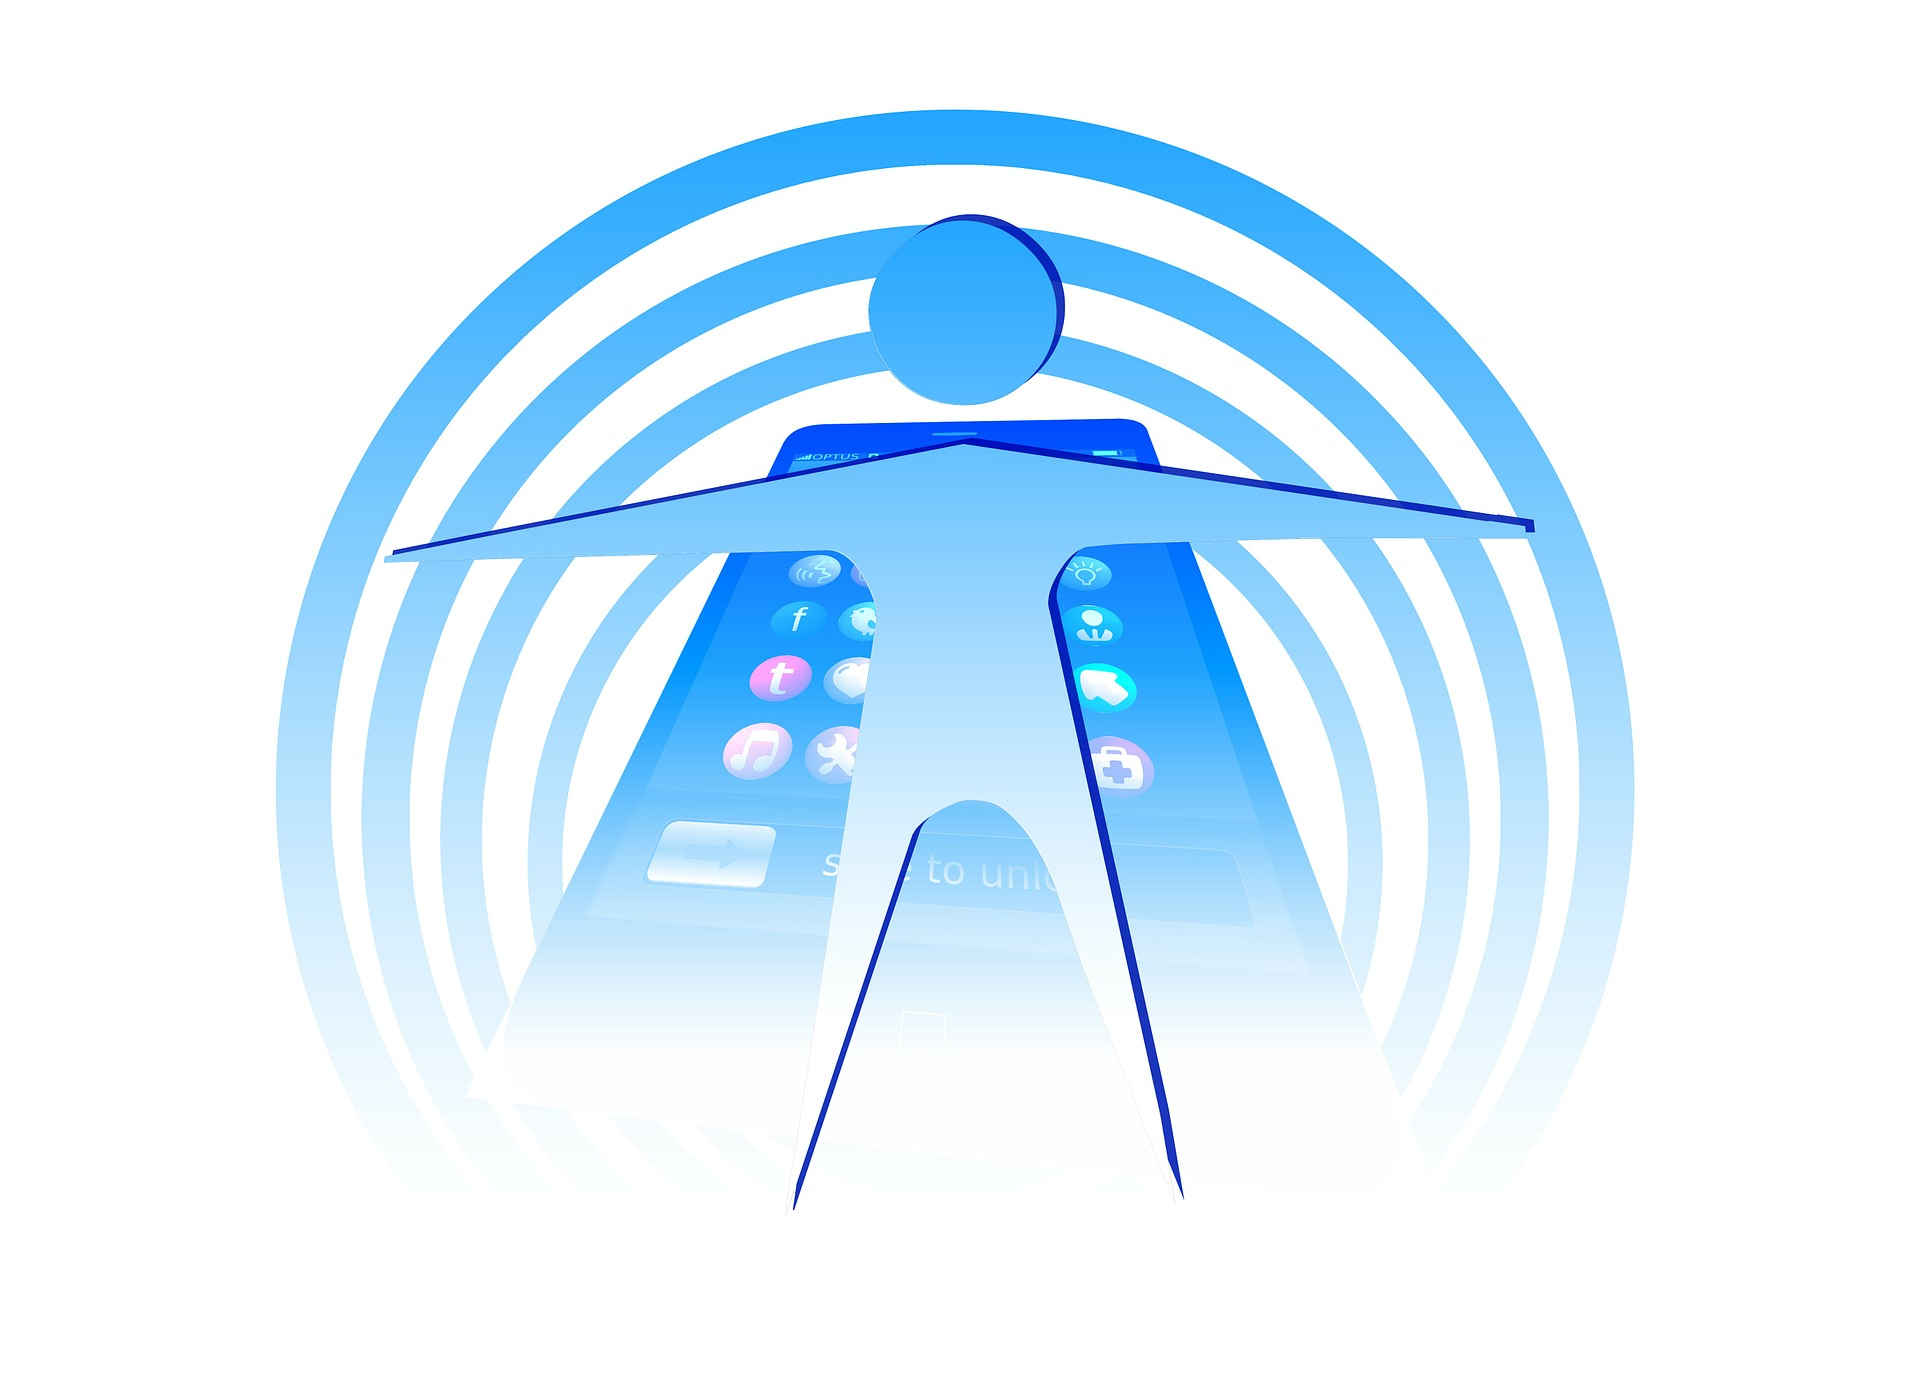 Jod – w walce z promieniowaniem elektromagnetycznym